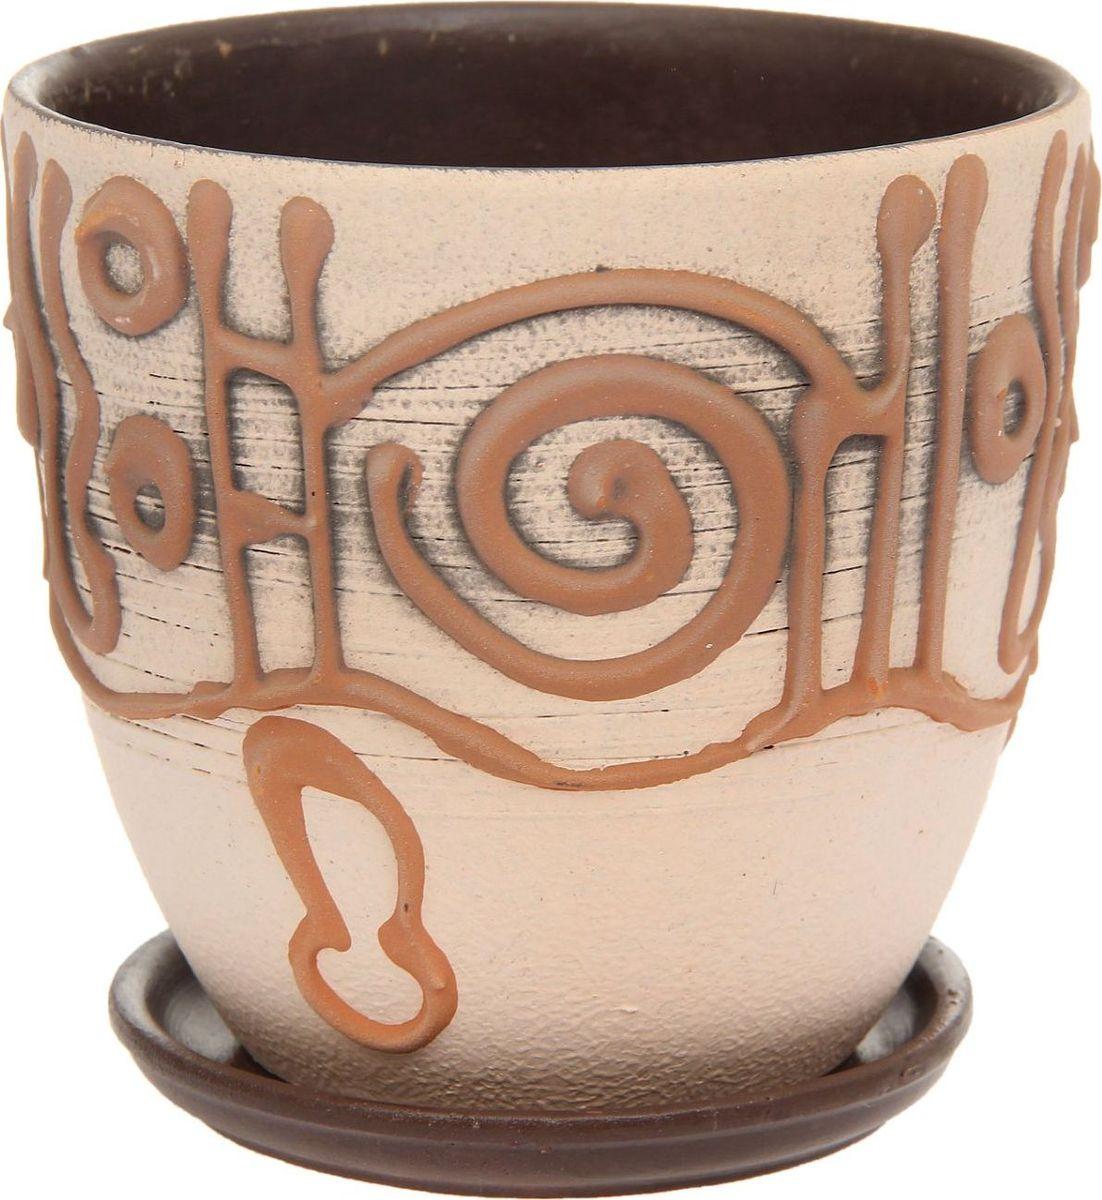 Кашпо Сирень, 0,8 л1138700Комнатные растения - всеобщие любимцы. Они радуют глаз, насыщают помещение кислородом и украшают пространство. Каждому из них необходим свой удобный и красивый дом. Кашпо из керамики прекрасно подходят для высадки растений: за счет пластичности глины и разных способов обработки существует великое множество форм и дизайнов пористый материал позволяет испаряться лишней влаге воздух, необходимый для дыхания корней, проникает сквозь керамические стенки! Позаботится о зеленом питомце, освежит интерьер и подчеркнет его стиль.